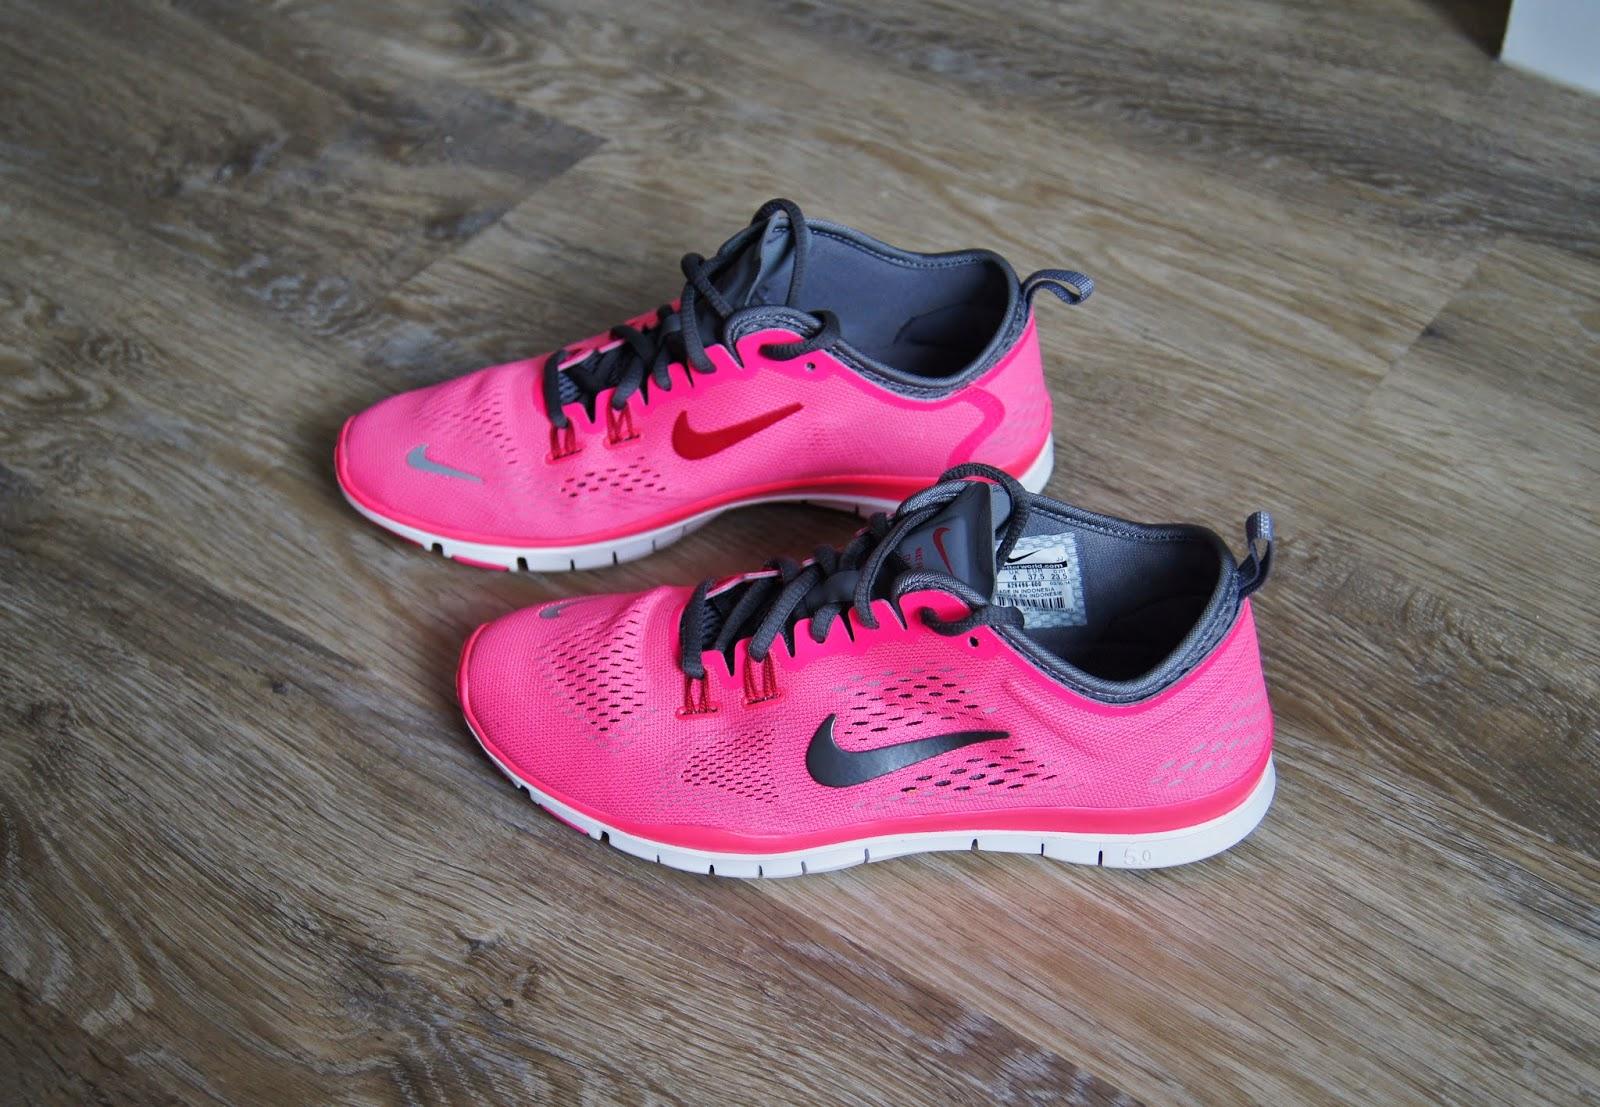 oficial Nike Free 5.0 Tr Fit 4 Formadores Baya Opinión opción barata finishline barato FTAhr8v2